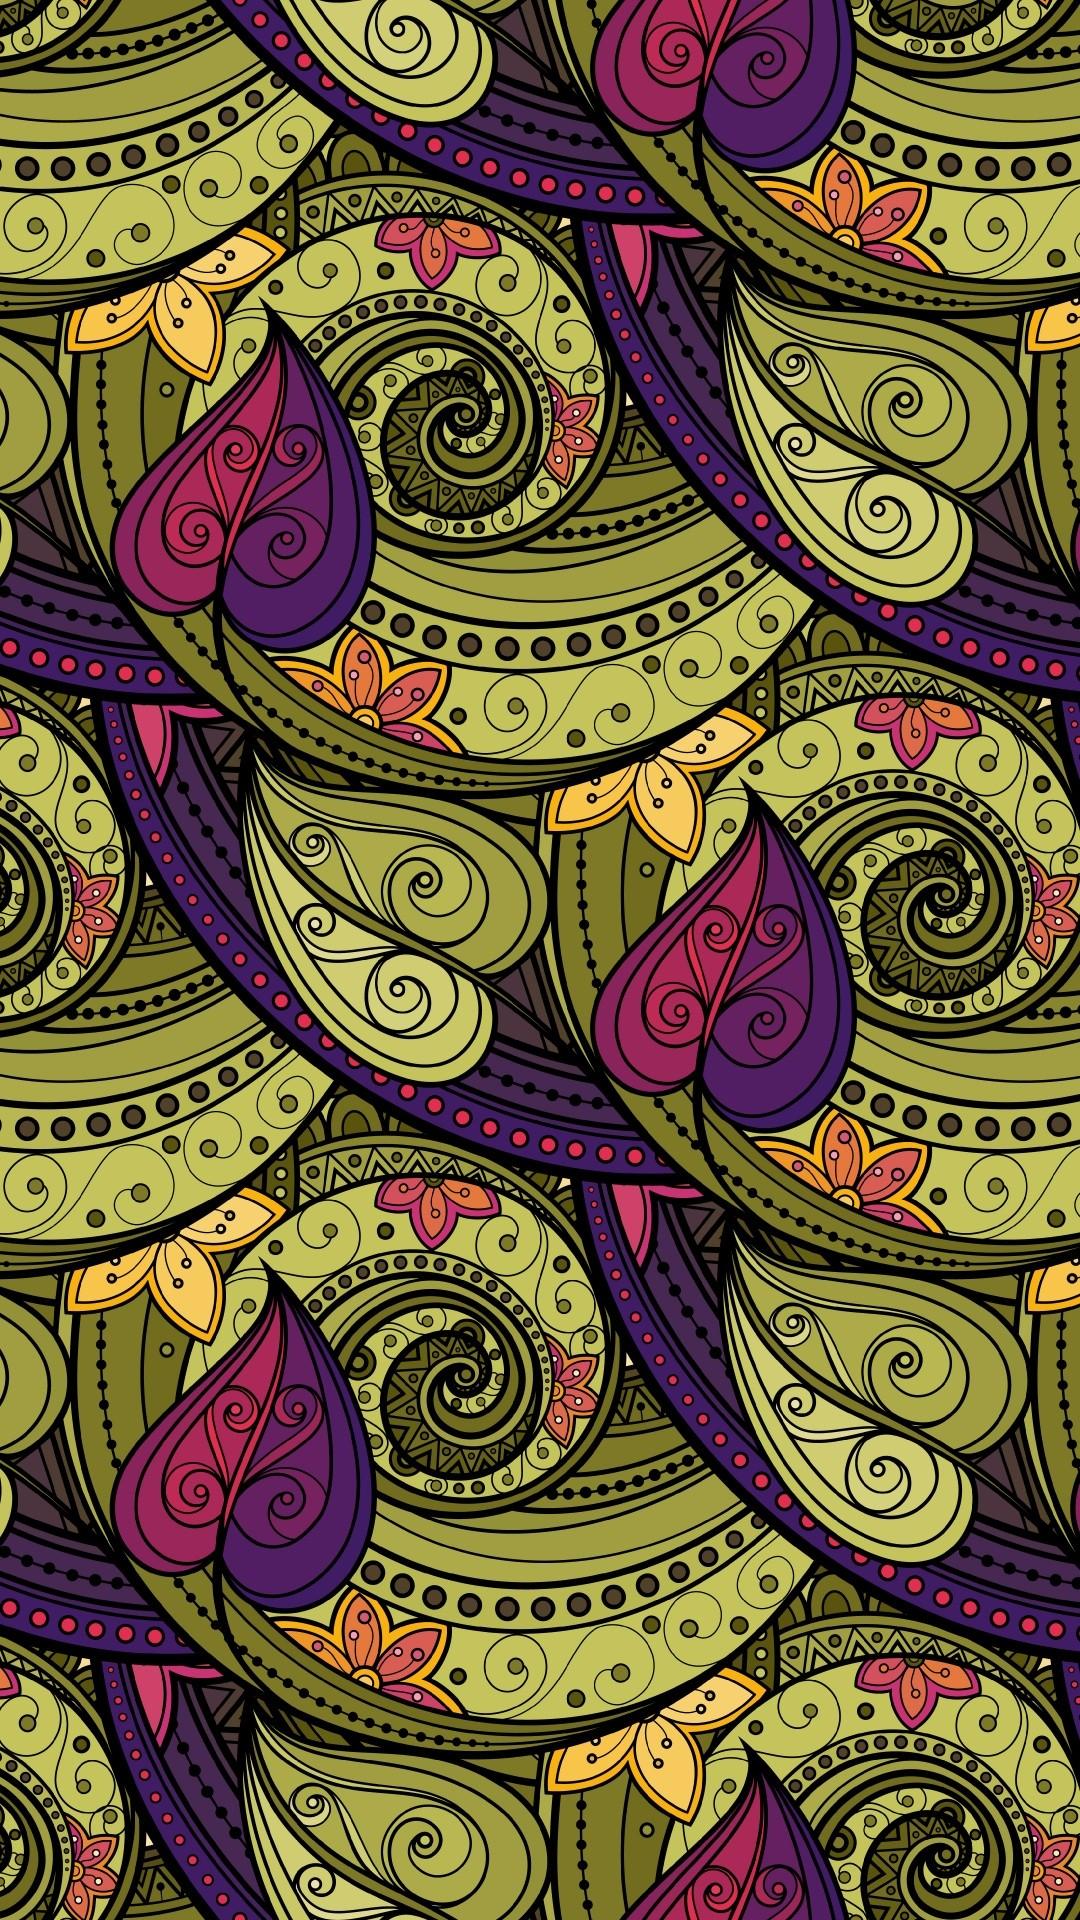 Hippie iPhone 7 wallpaper